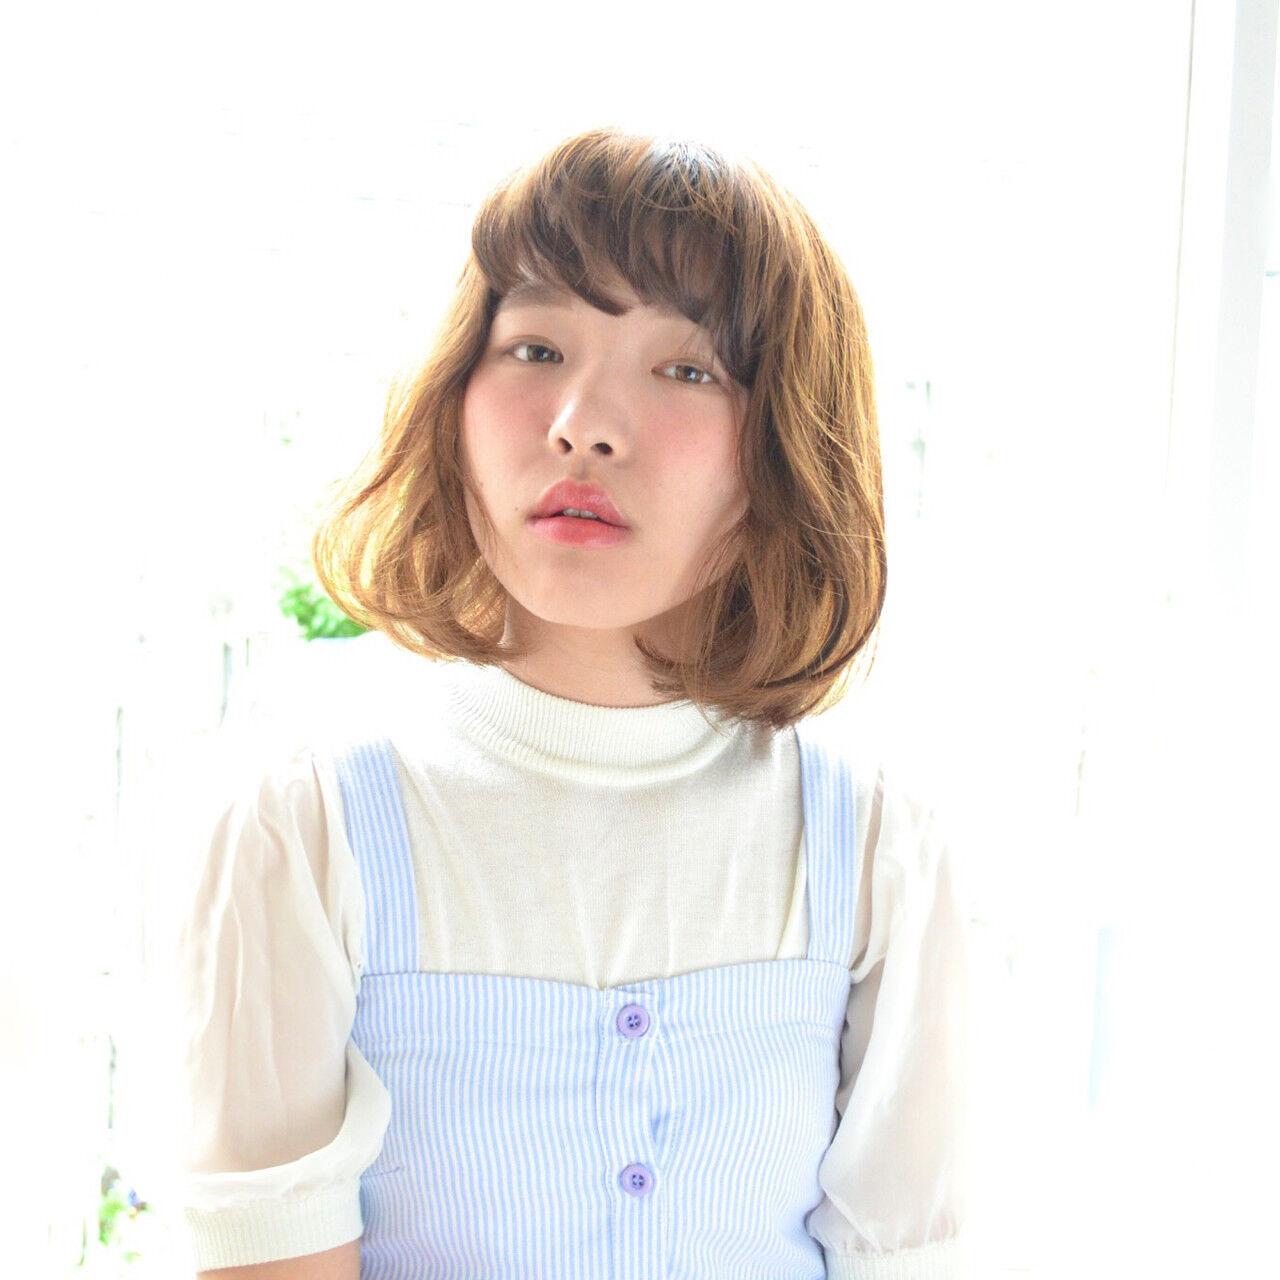 ピュア パーマ ナチュラル ラフヘアスタイルや髪型の写真・画像